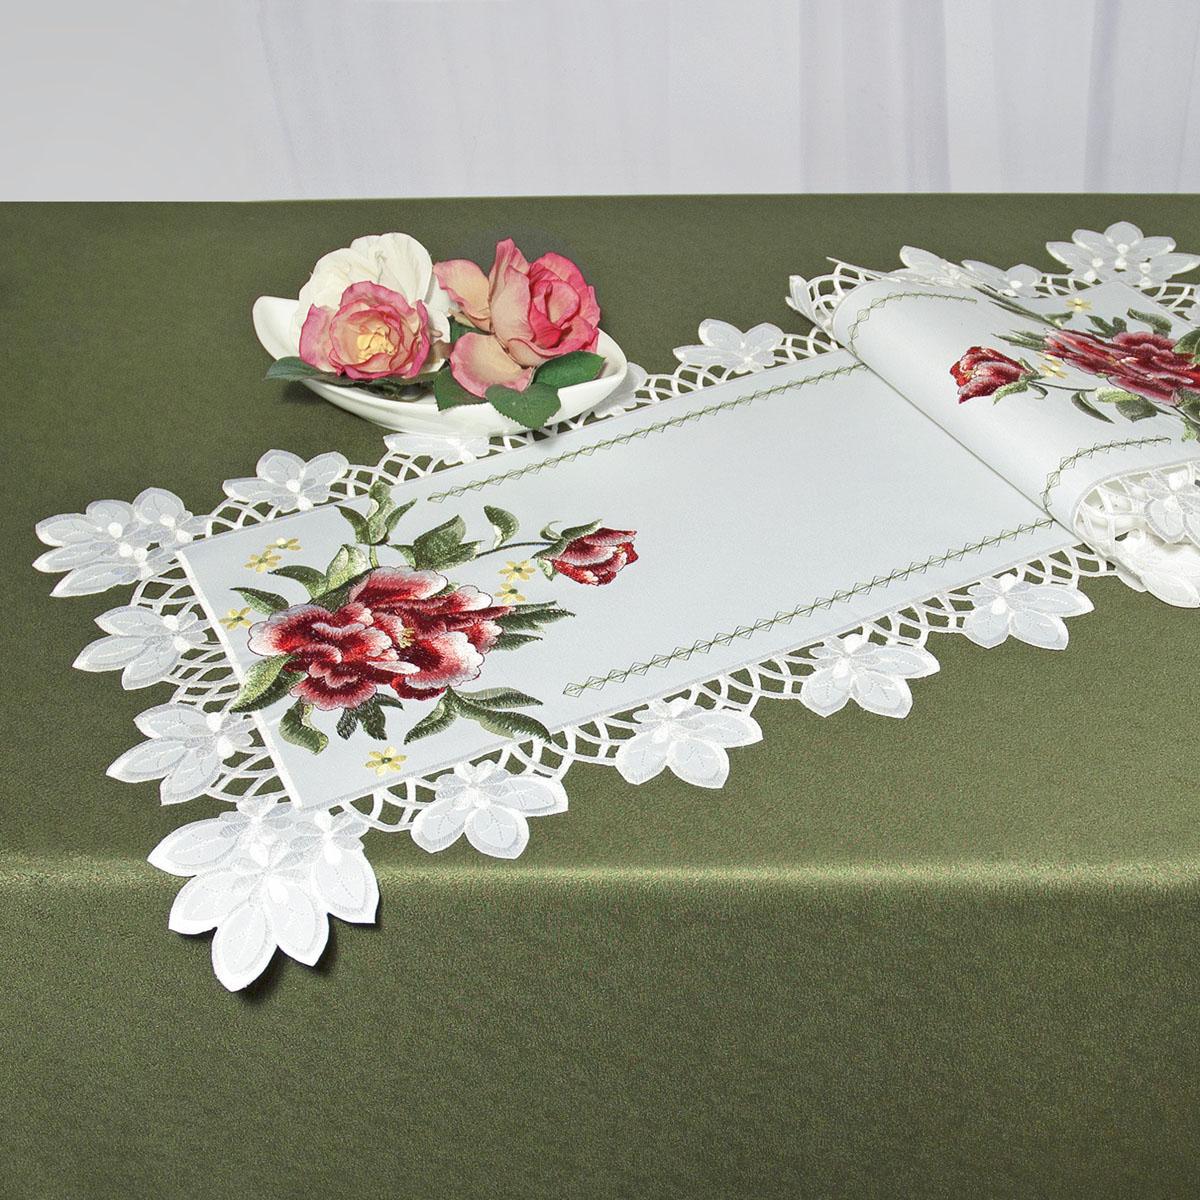 Дорожка для декорирования стола Schaefer, прямоугольная, цвет: белый, красный, 40 x 110 см 07481-2336191522-b39Дорожка Schaefer выполнена из высококачественного полиэстера и украшена вышитыми рисунками в виде цветов. Края дорожки оформлены в технике ришелье. Вы можете использовать дорожку для декорирования стола, комода или журнального столика.Благодаря такой дорожке вы защитите поверхность мебели от воды, пятен и механических воздействий, а также создадите атмосферу уюта и домашнего тепла в интерьере вашей квартиры. Изделия из искусственных волокон легко стирать: они не мнутся, не садятся и быстро сохнут, они более долговечны, чем изделия из натуральных волокон.Изысканный текстиль от немецкой компании Schaefer - это красота, стиль и уют в вашем доме. Дорожка органично впишется в интерьер любого помещения, а оригинальный дизайн удовлетворит даже самый изысканный вкус. Дарите себе и близким красоту каждый день!